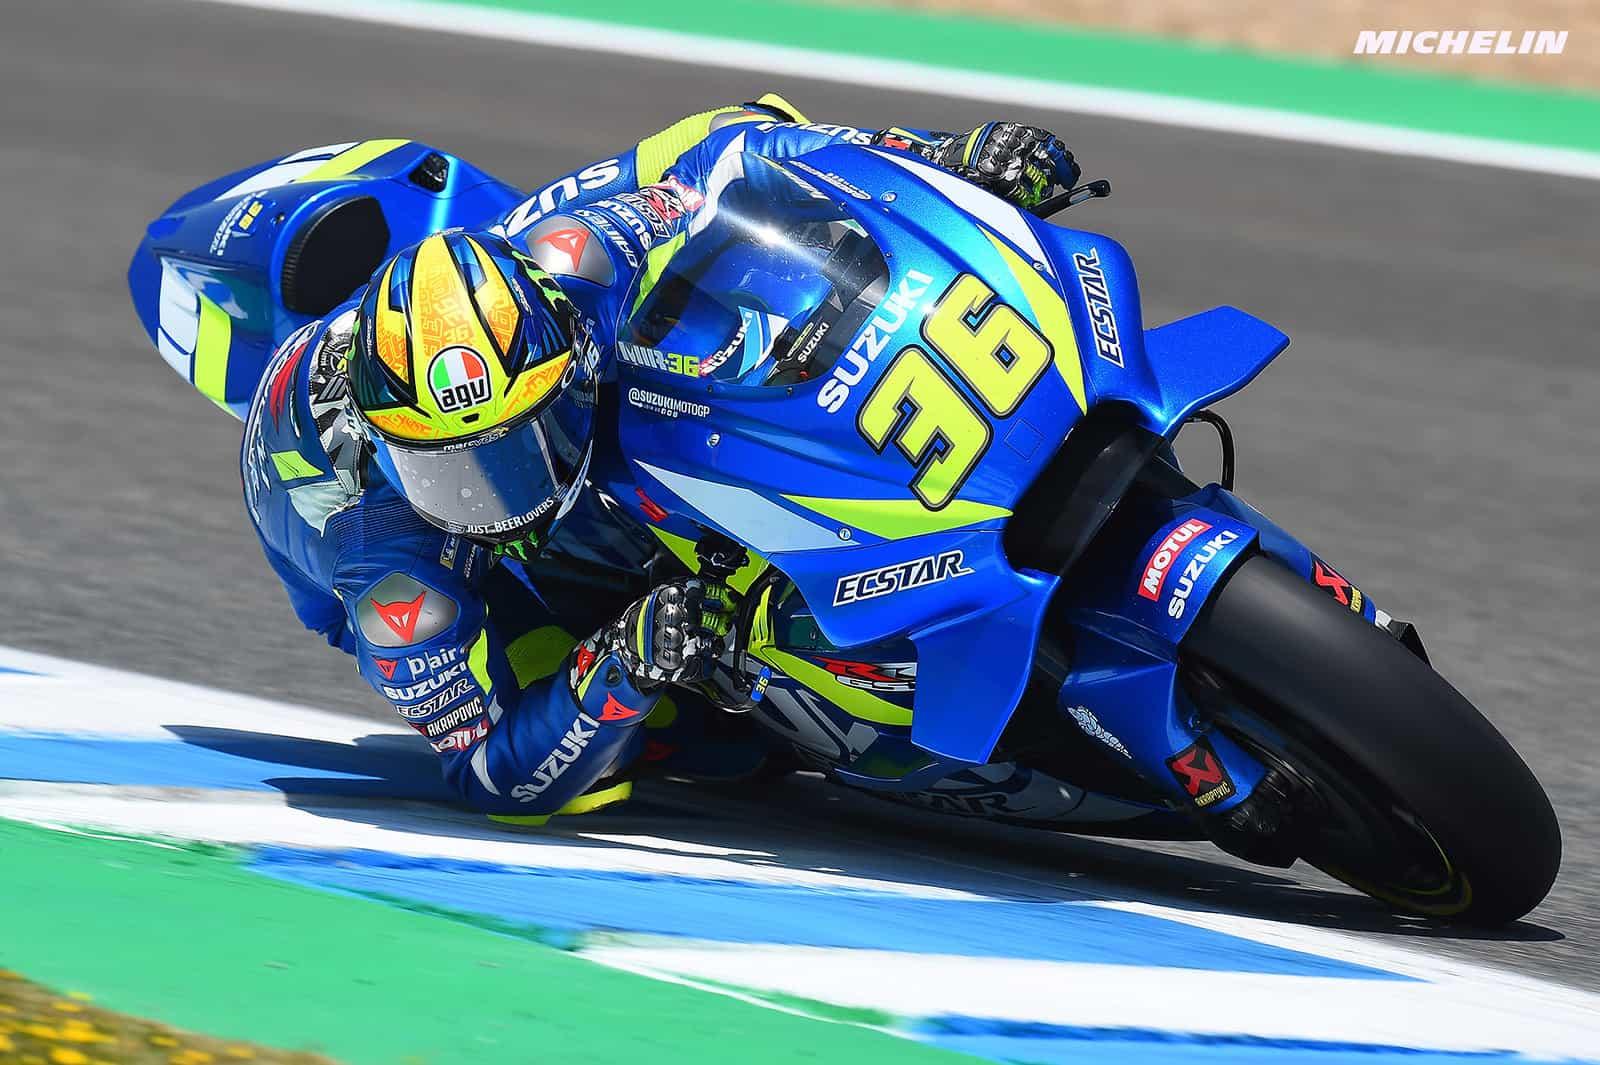 MotoGP2019フランスGP ジョアン・ミル「まずは完走することが重要」